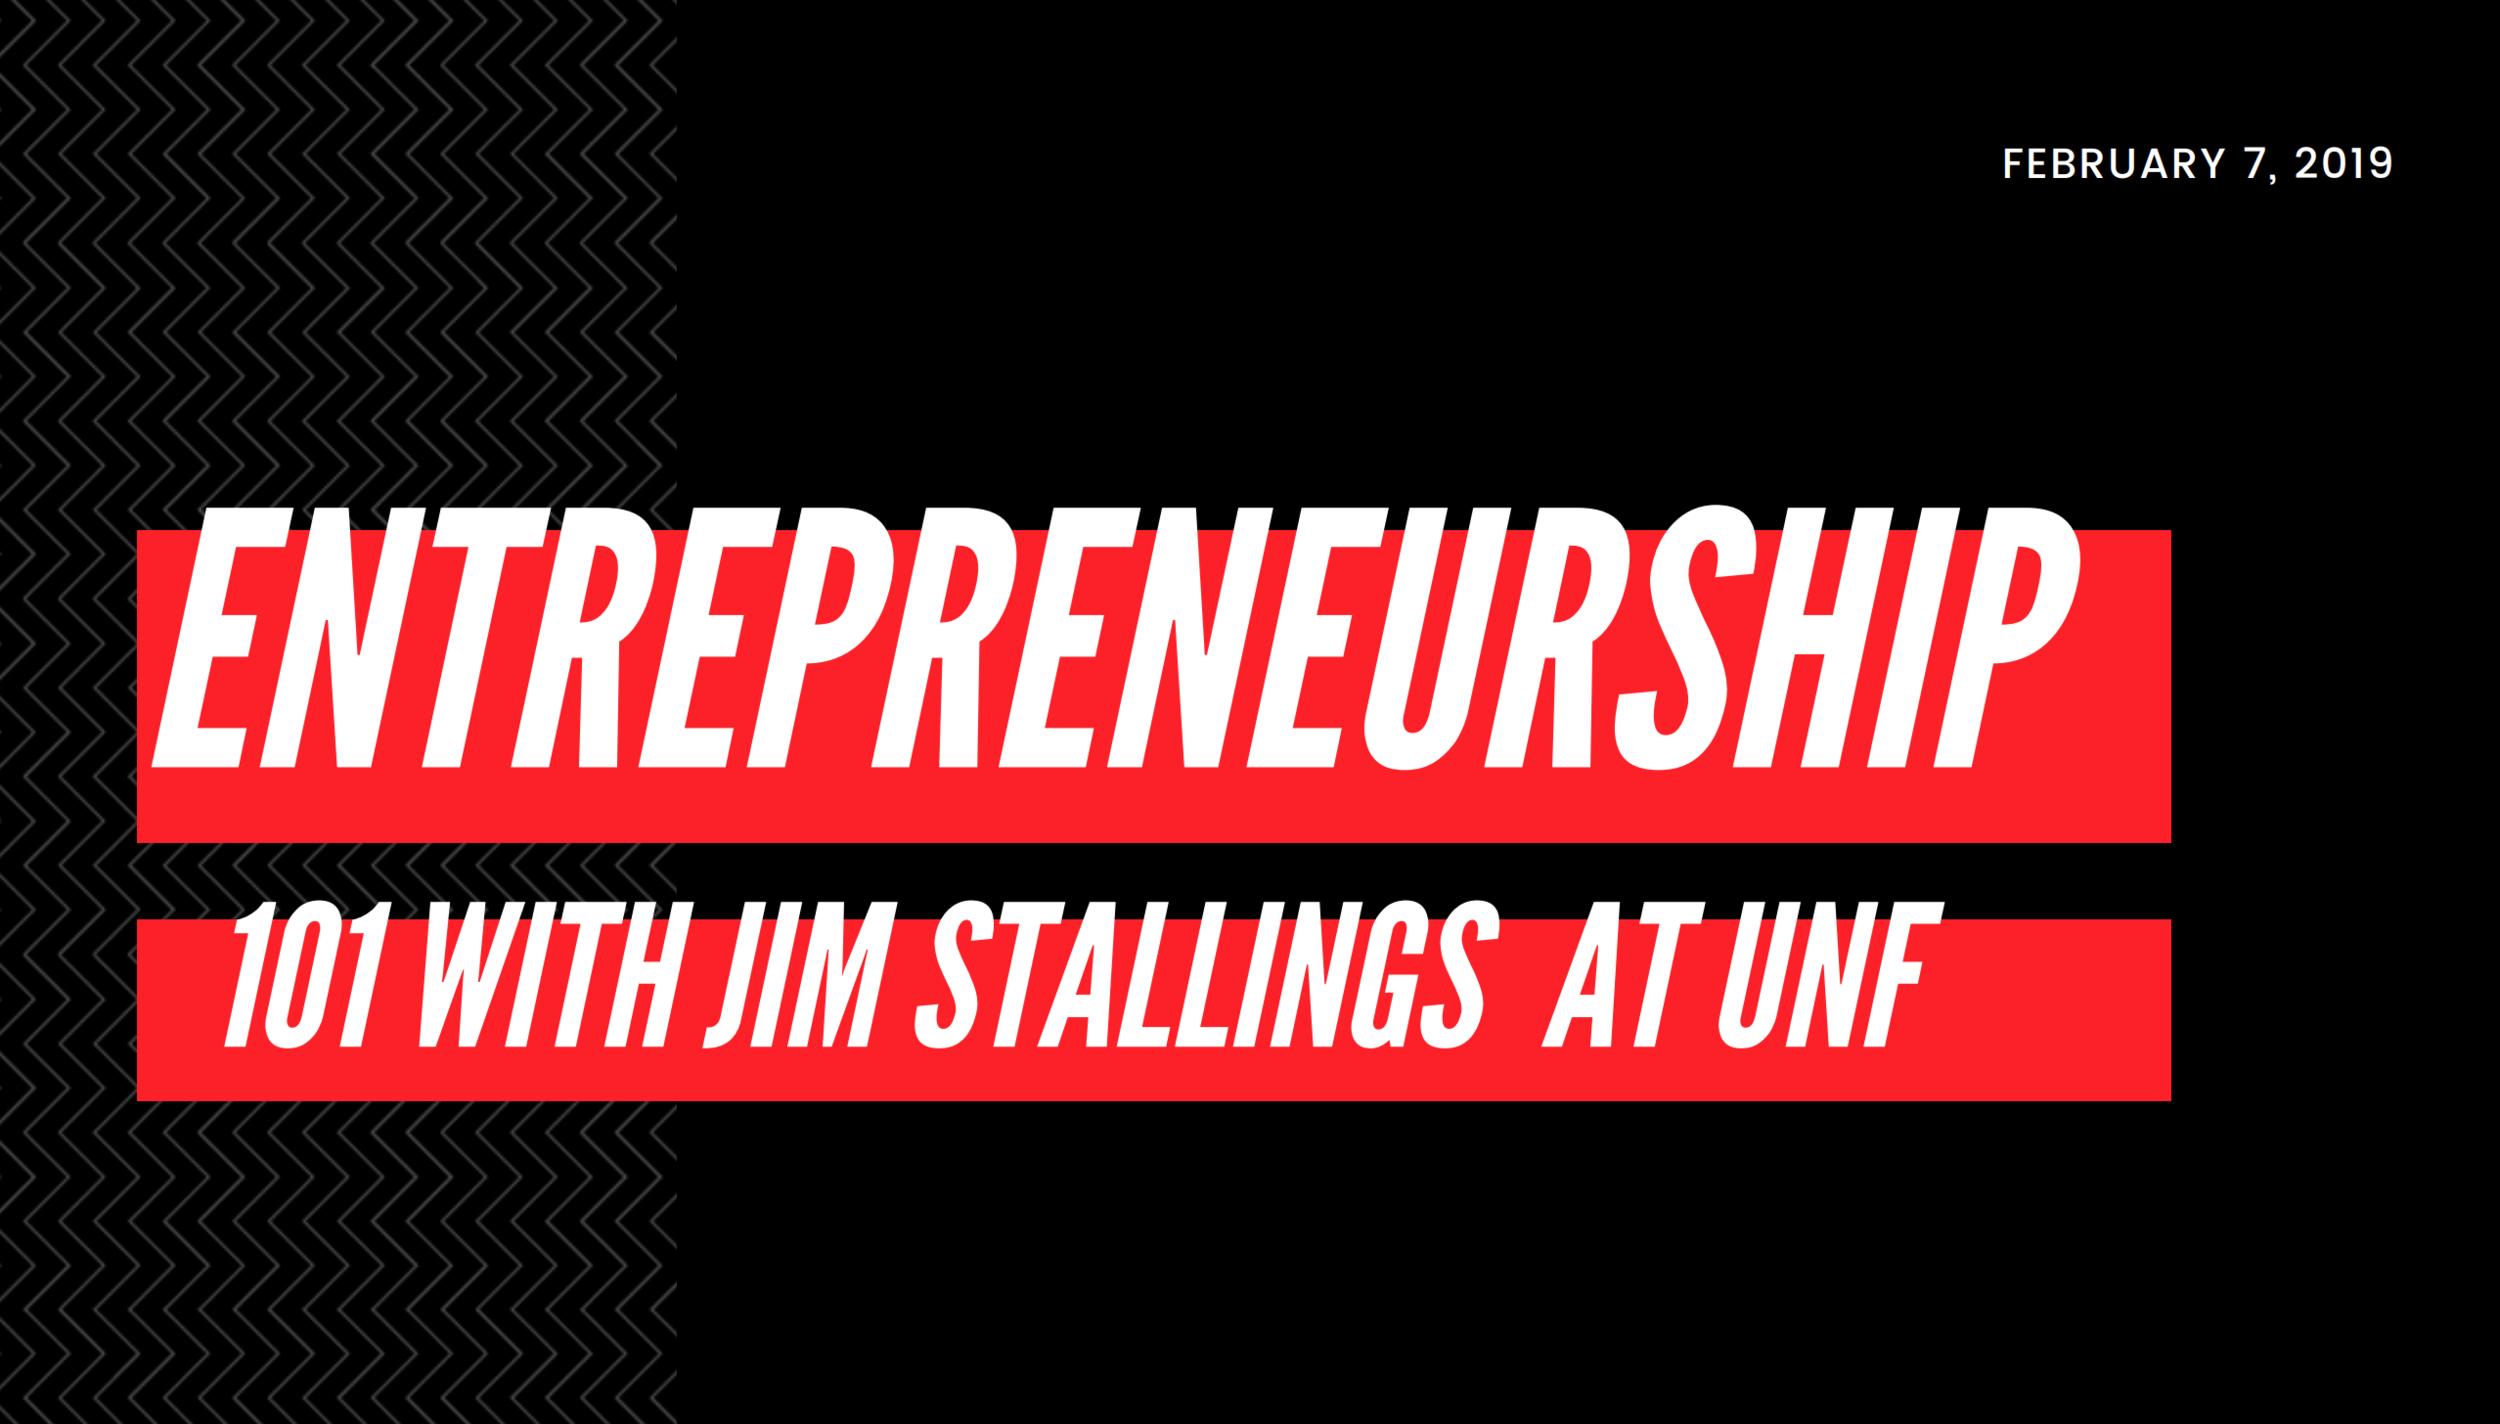 Entrepreneurship101JimStallings.png